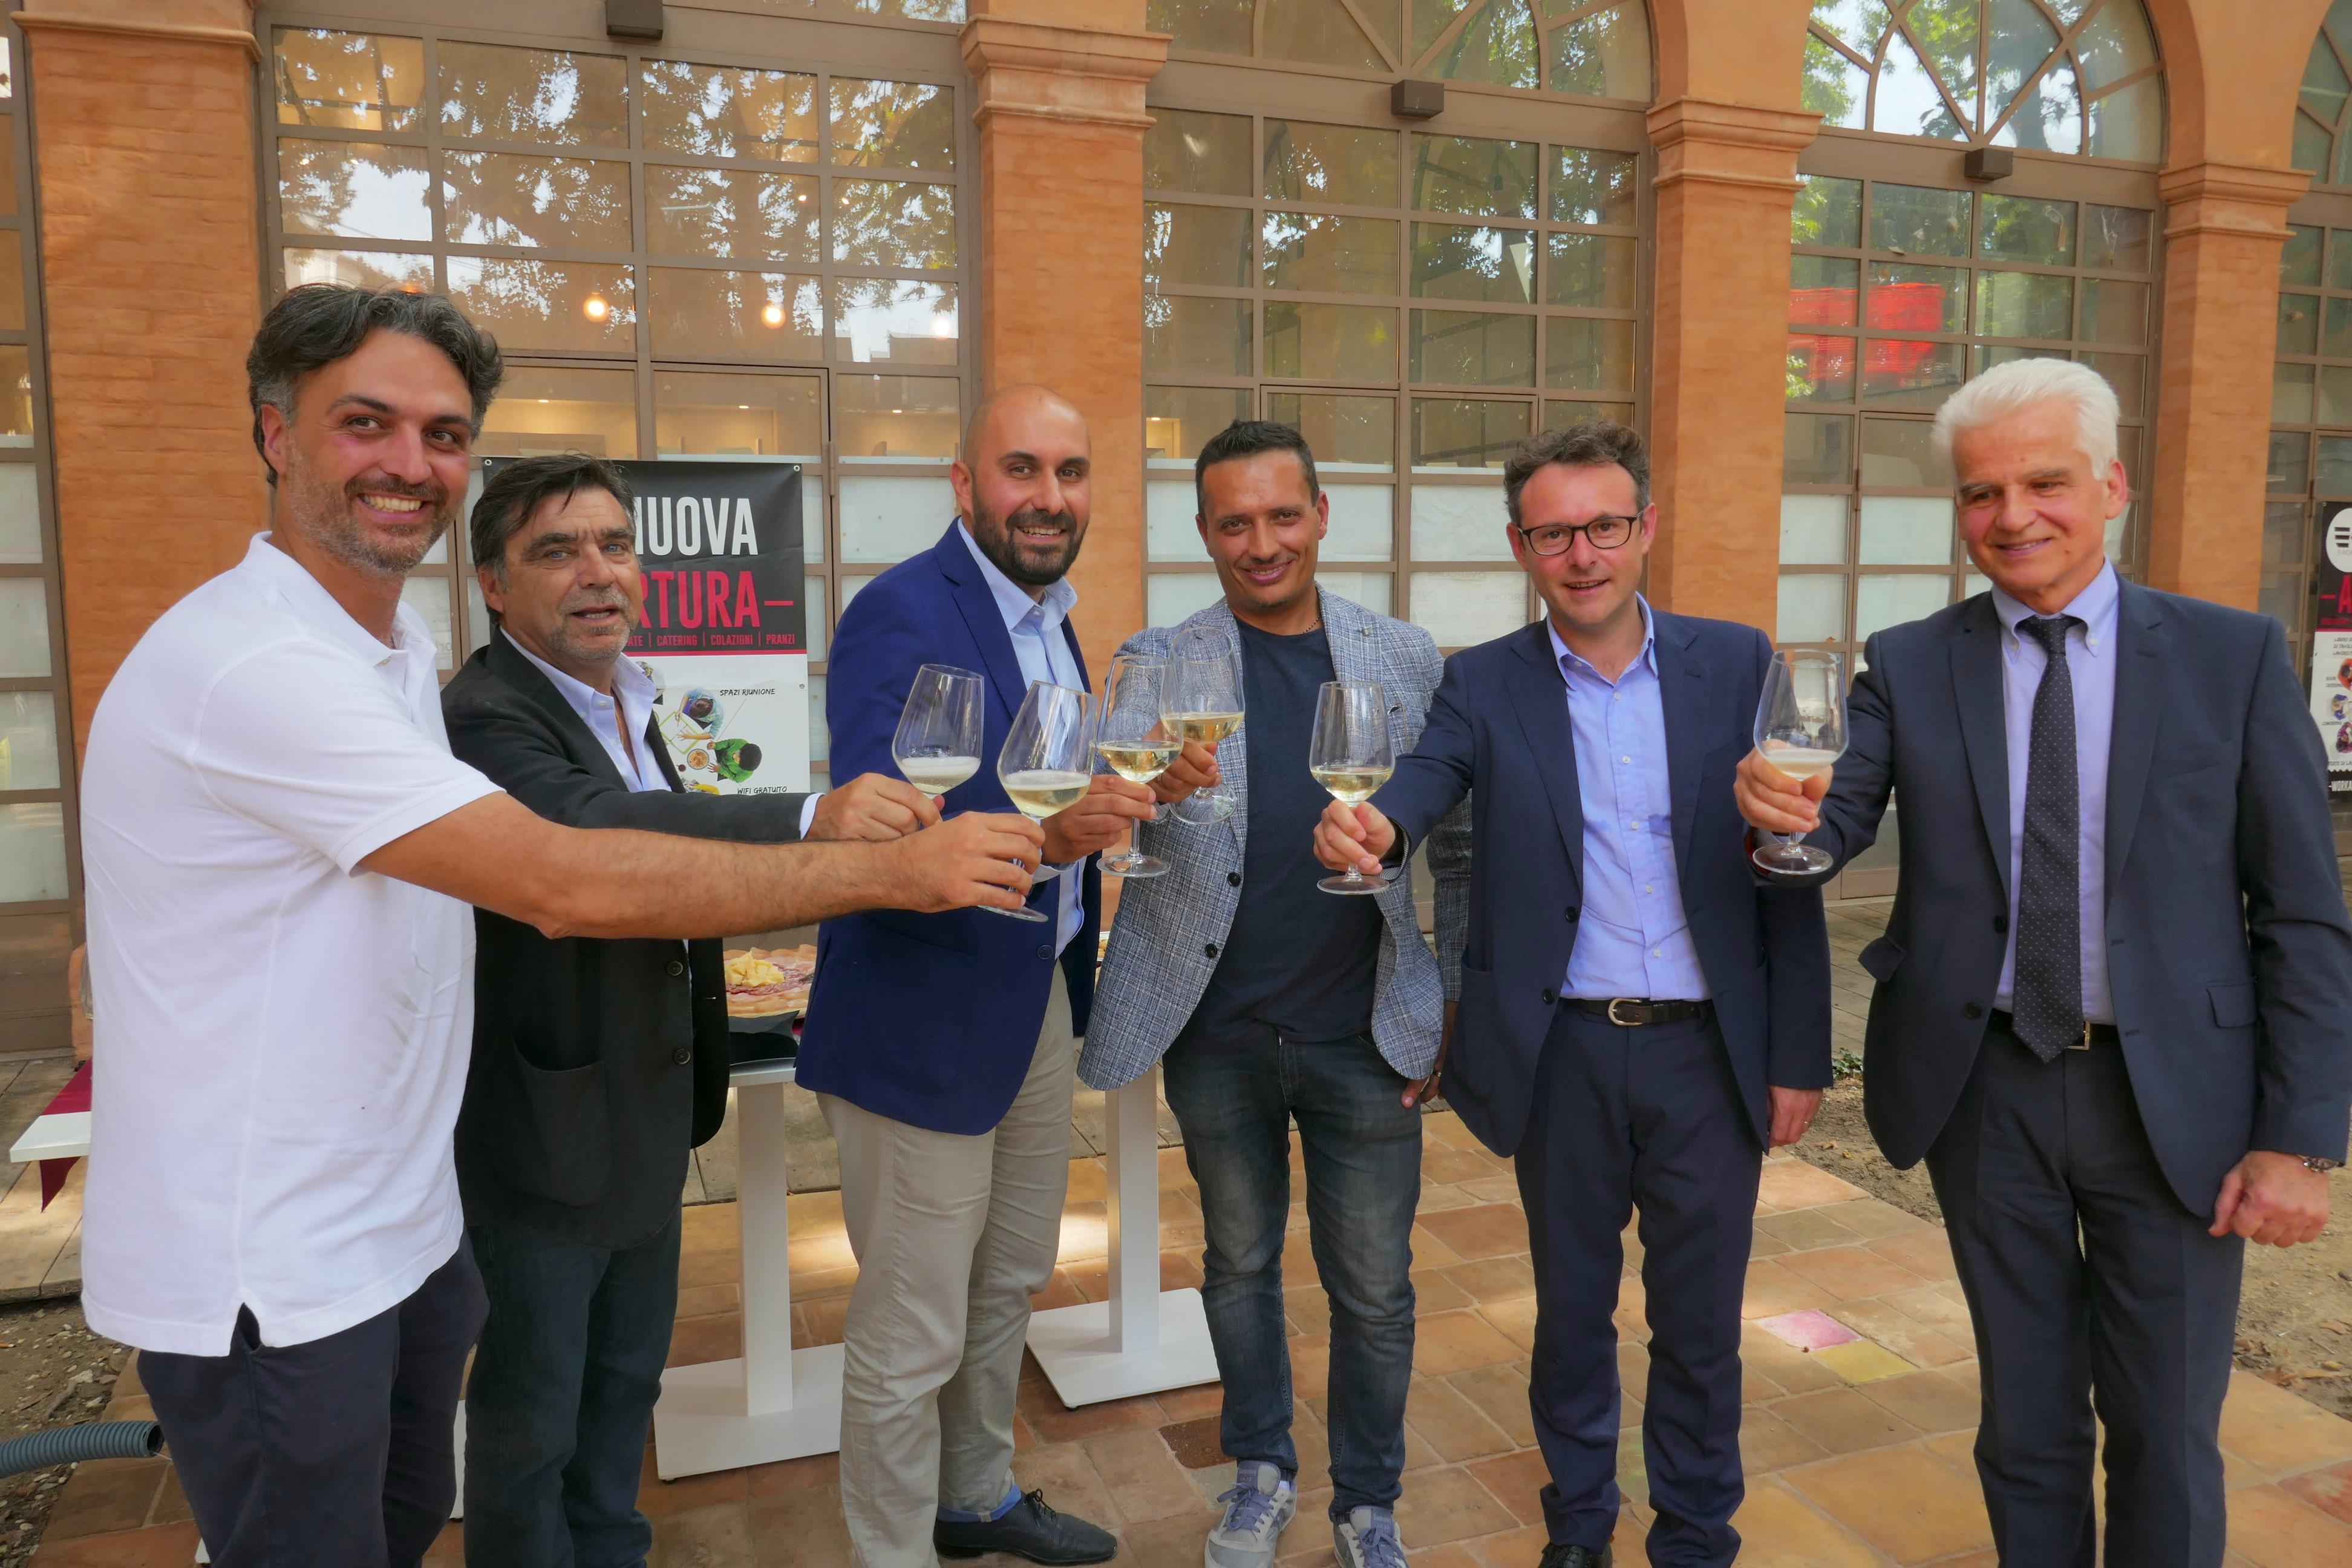 Un momento della conferenza stampa, Faenza, 11 settembre 2018 (3)